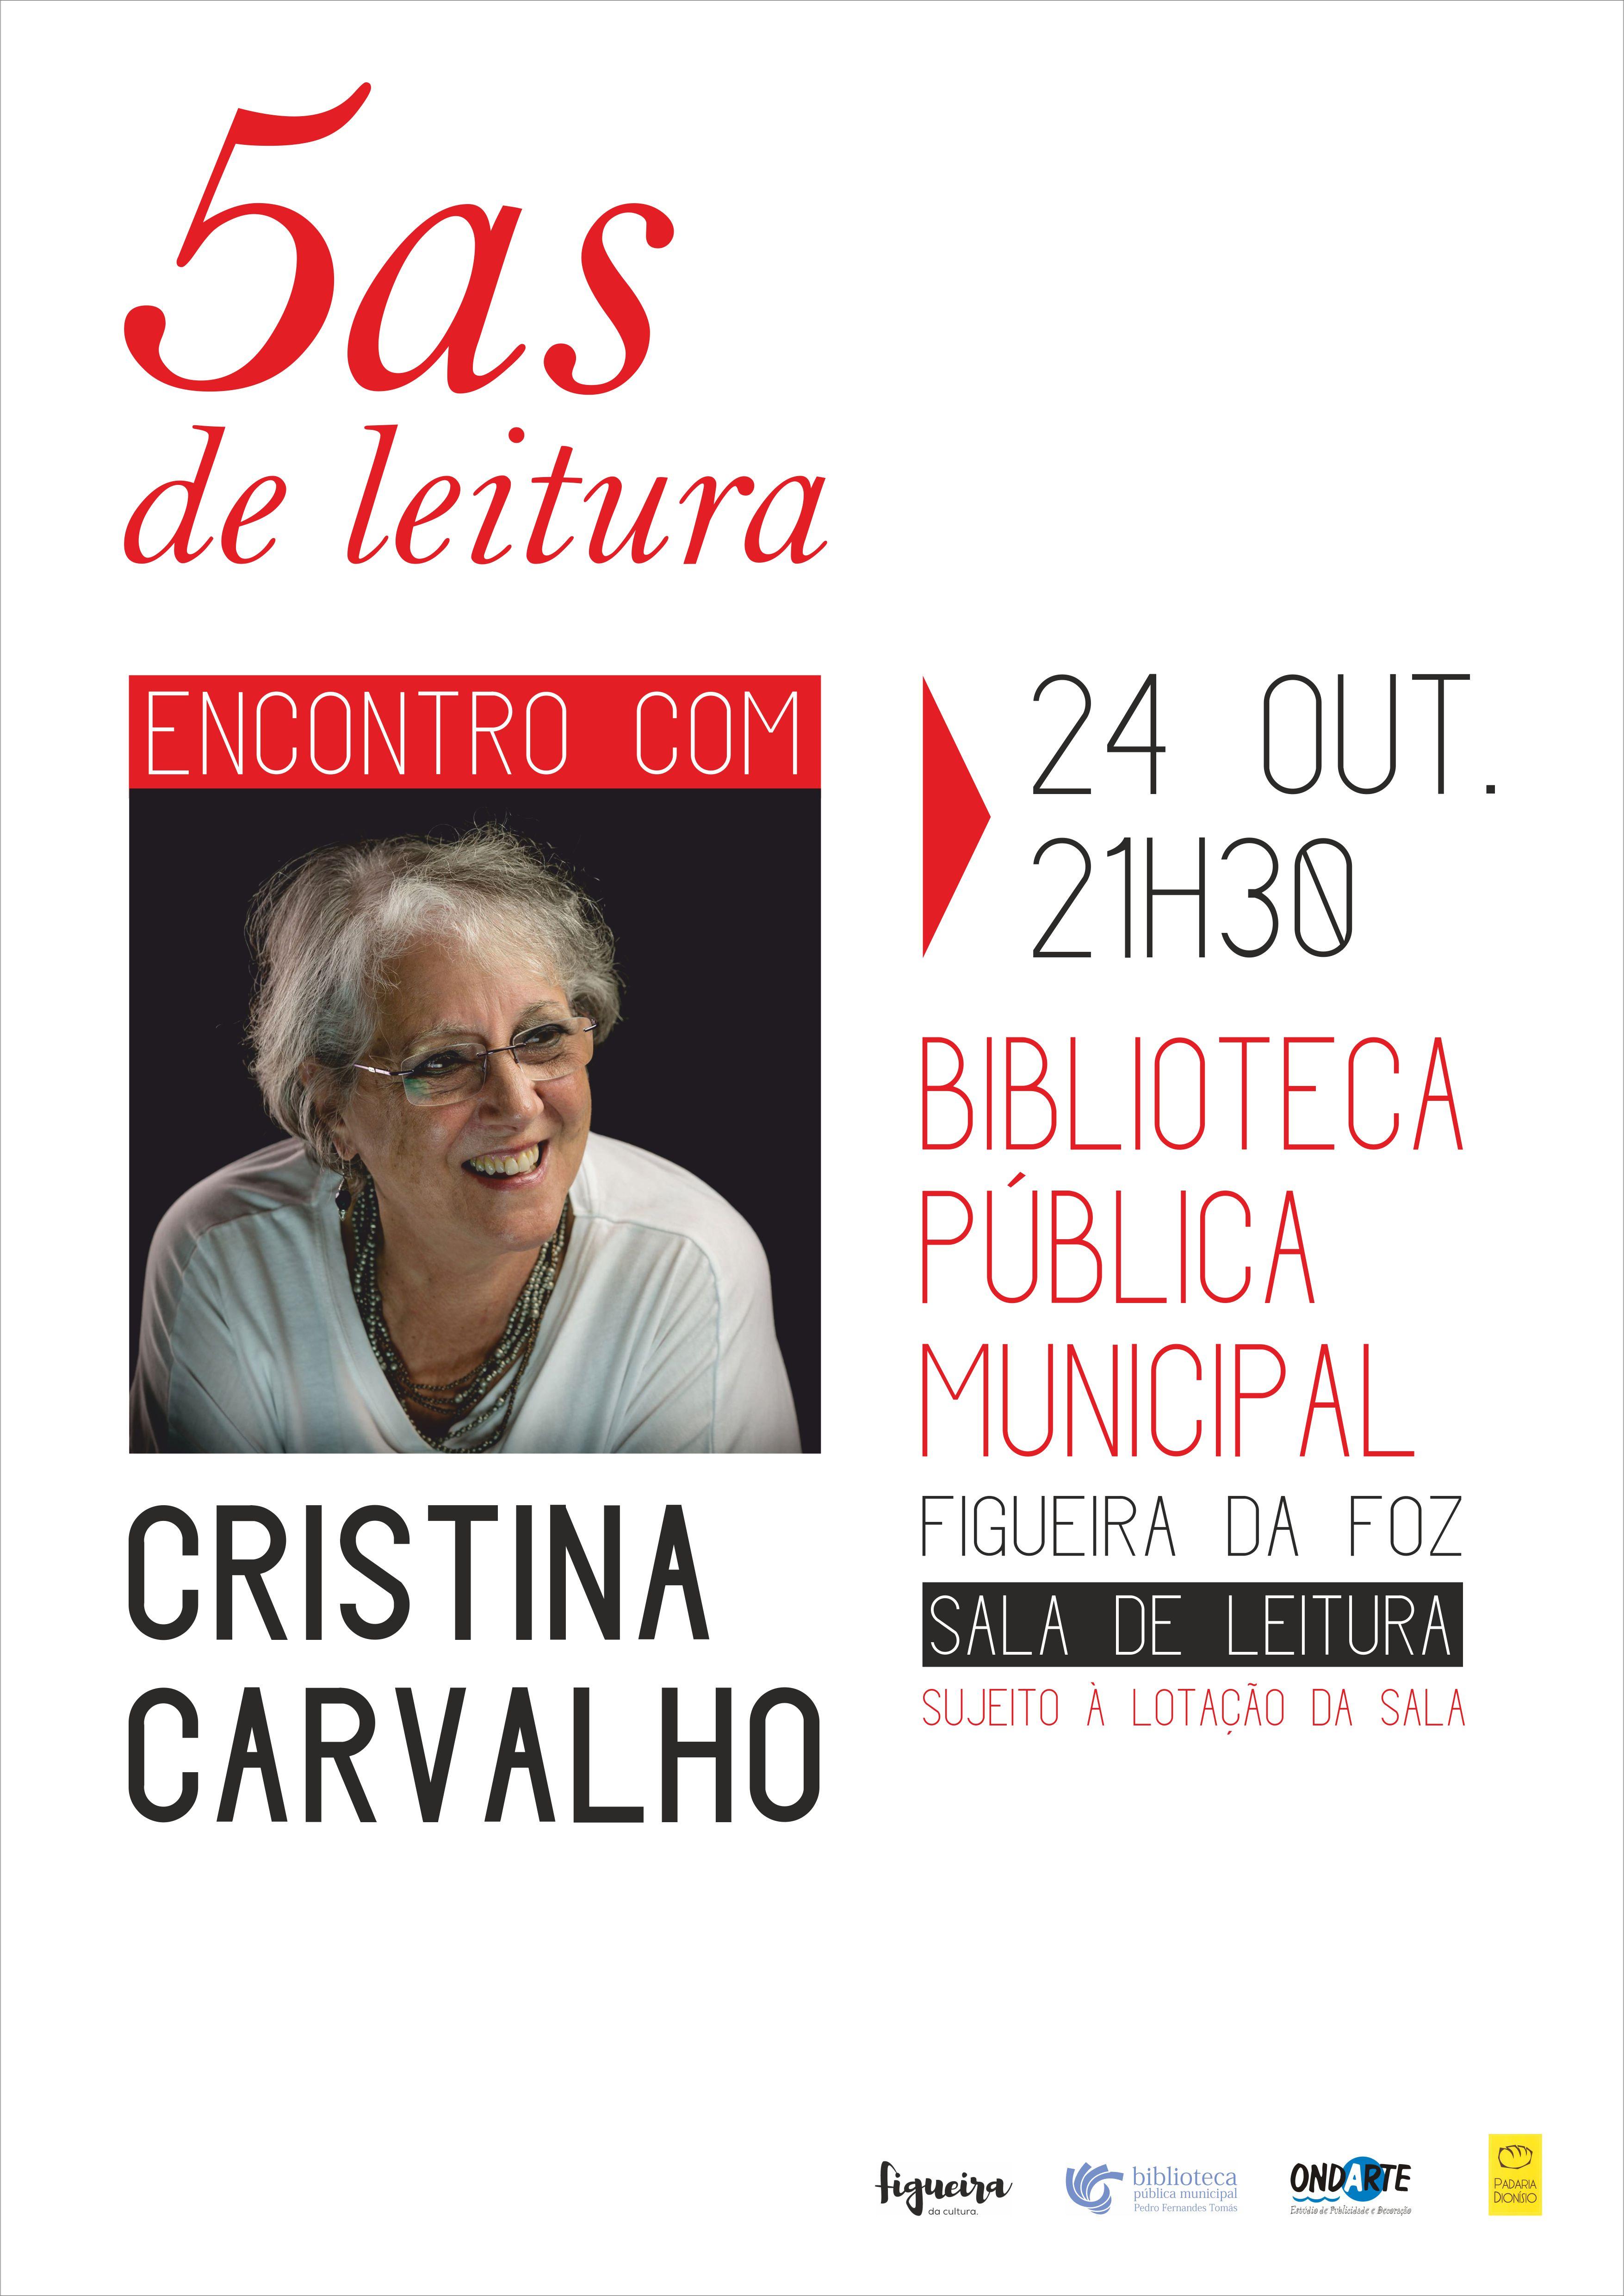 CARTAZ 5AS LEITURA CRISTINA CARVALHO.jpg